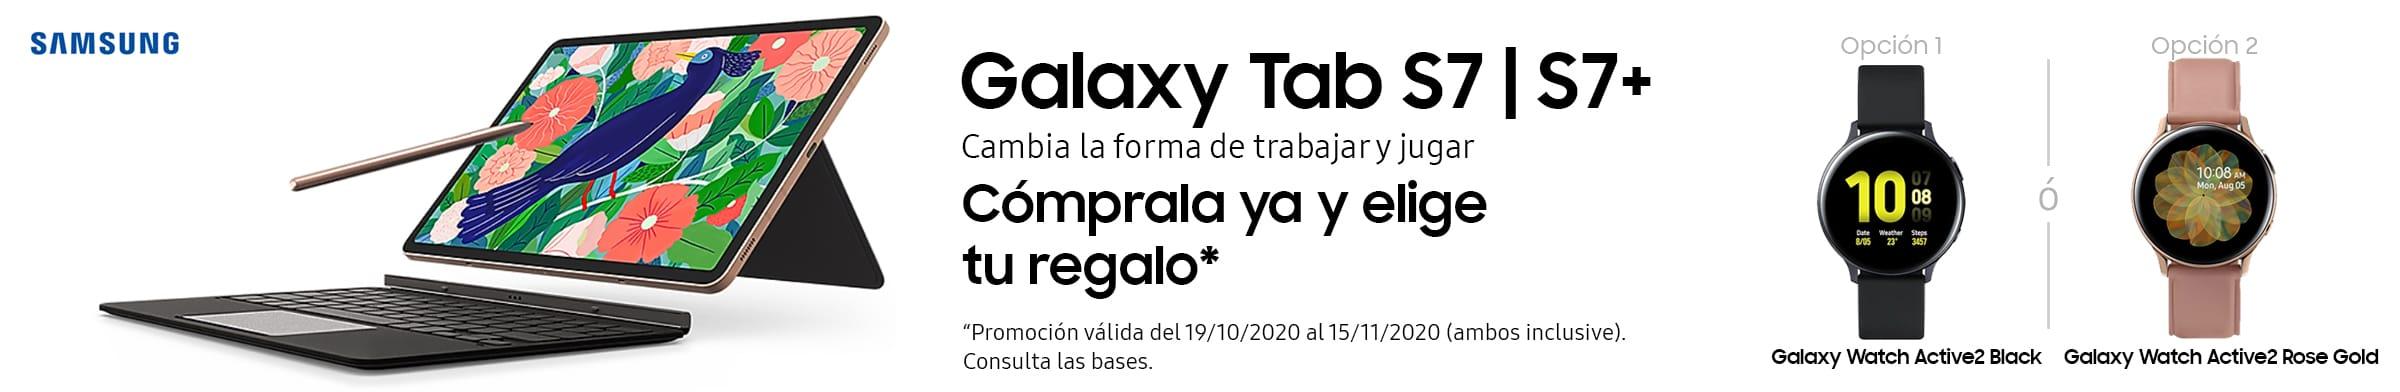 Compra una Samsung Galaxy Tab S7+ y elige tu regalo